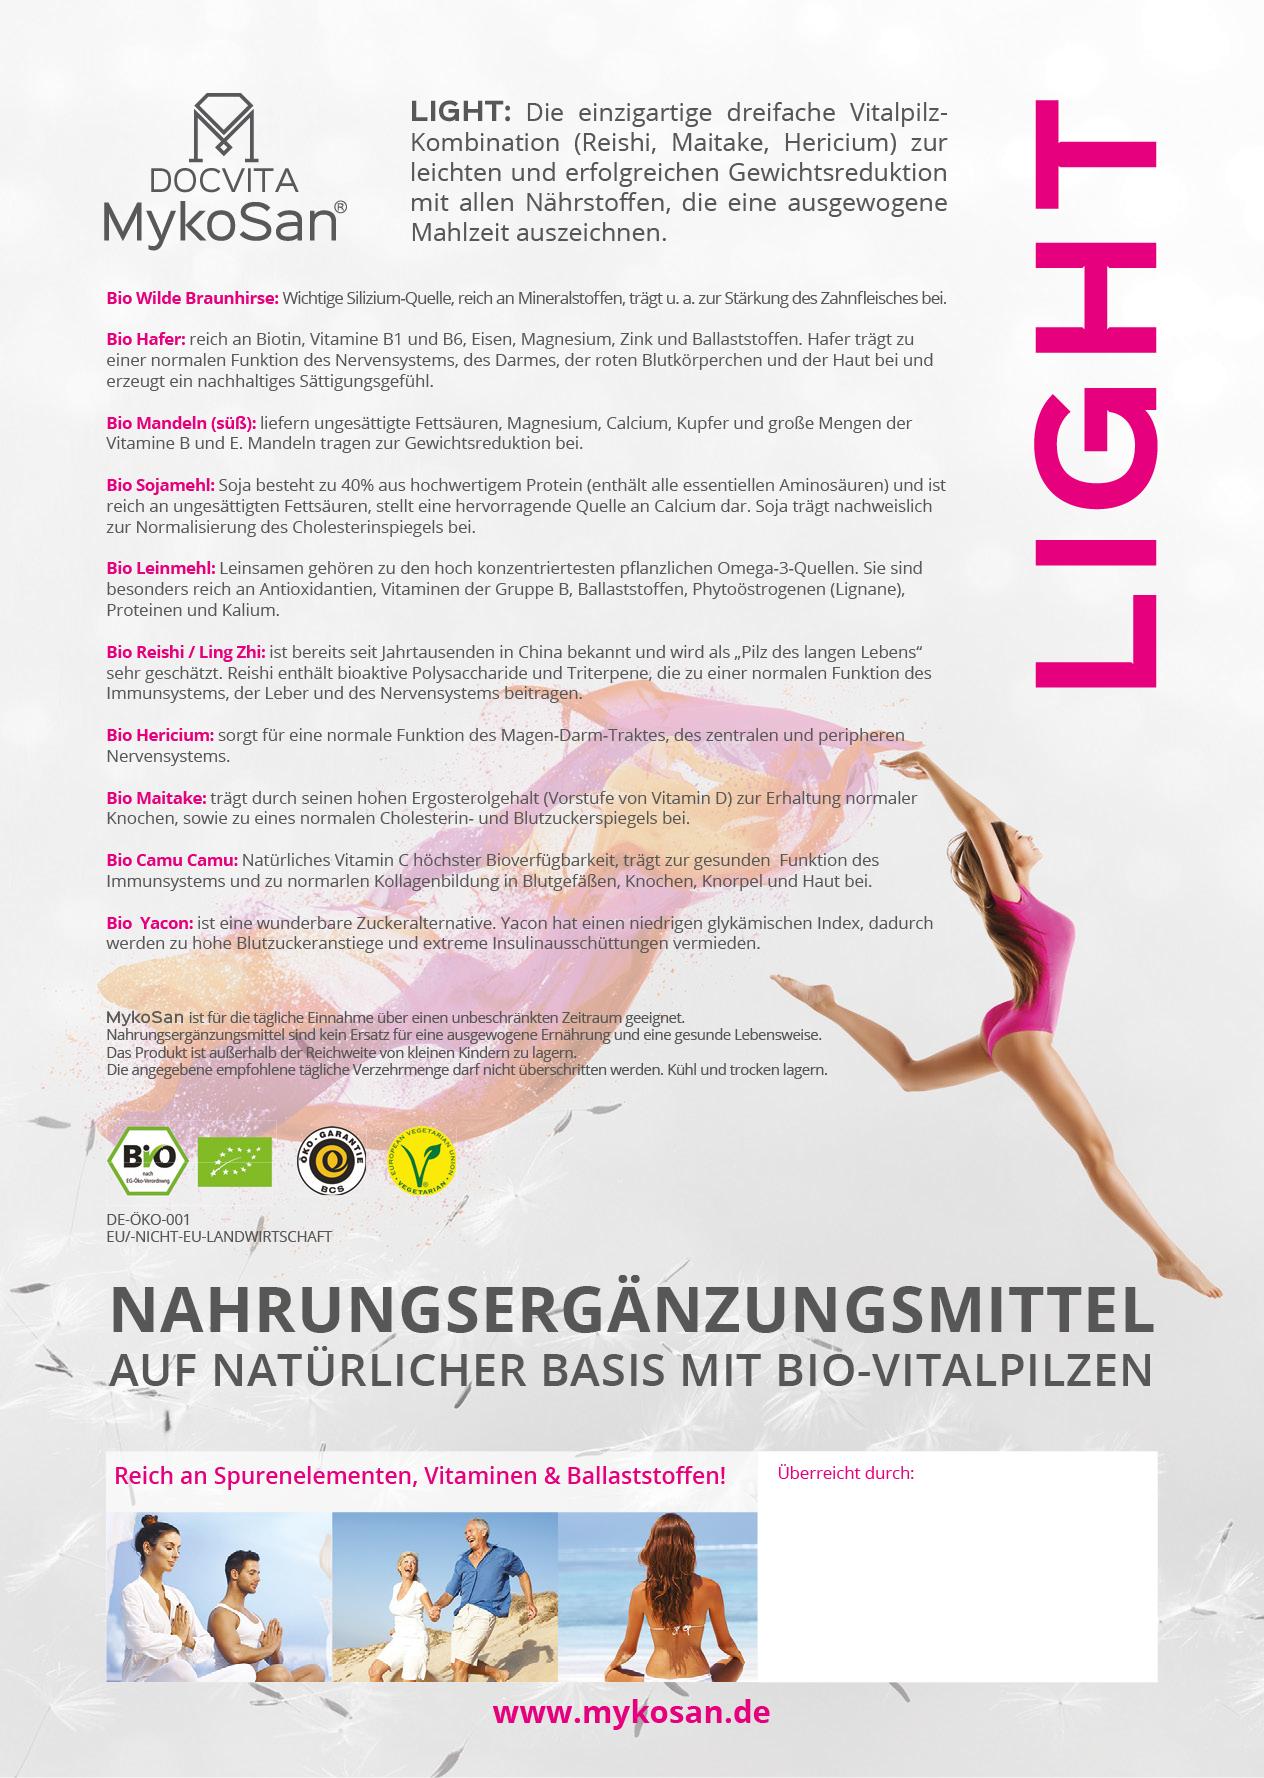 DOCVITA MykoSan Light: Die einzigartige dreifache Vitapilzkombination (Reishi, Maitake, Hericium) zur leichten und erfolgreichen Gewichtsreduktion mit allen Nährstoffen, die eine ausgewogene Mahlzeit auszeichnen.